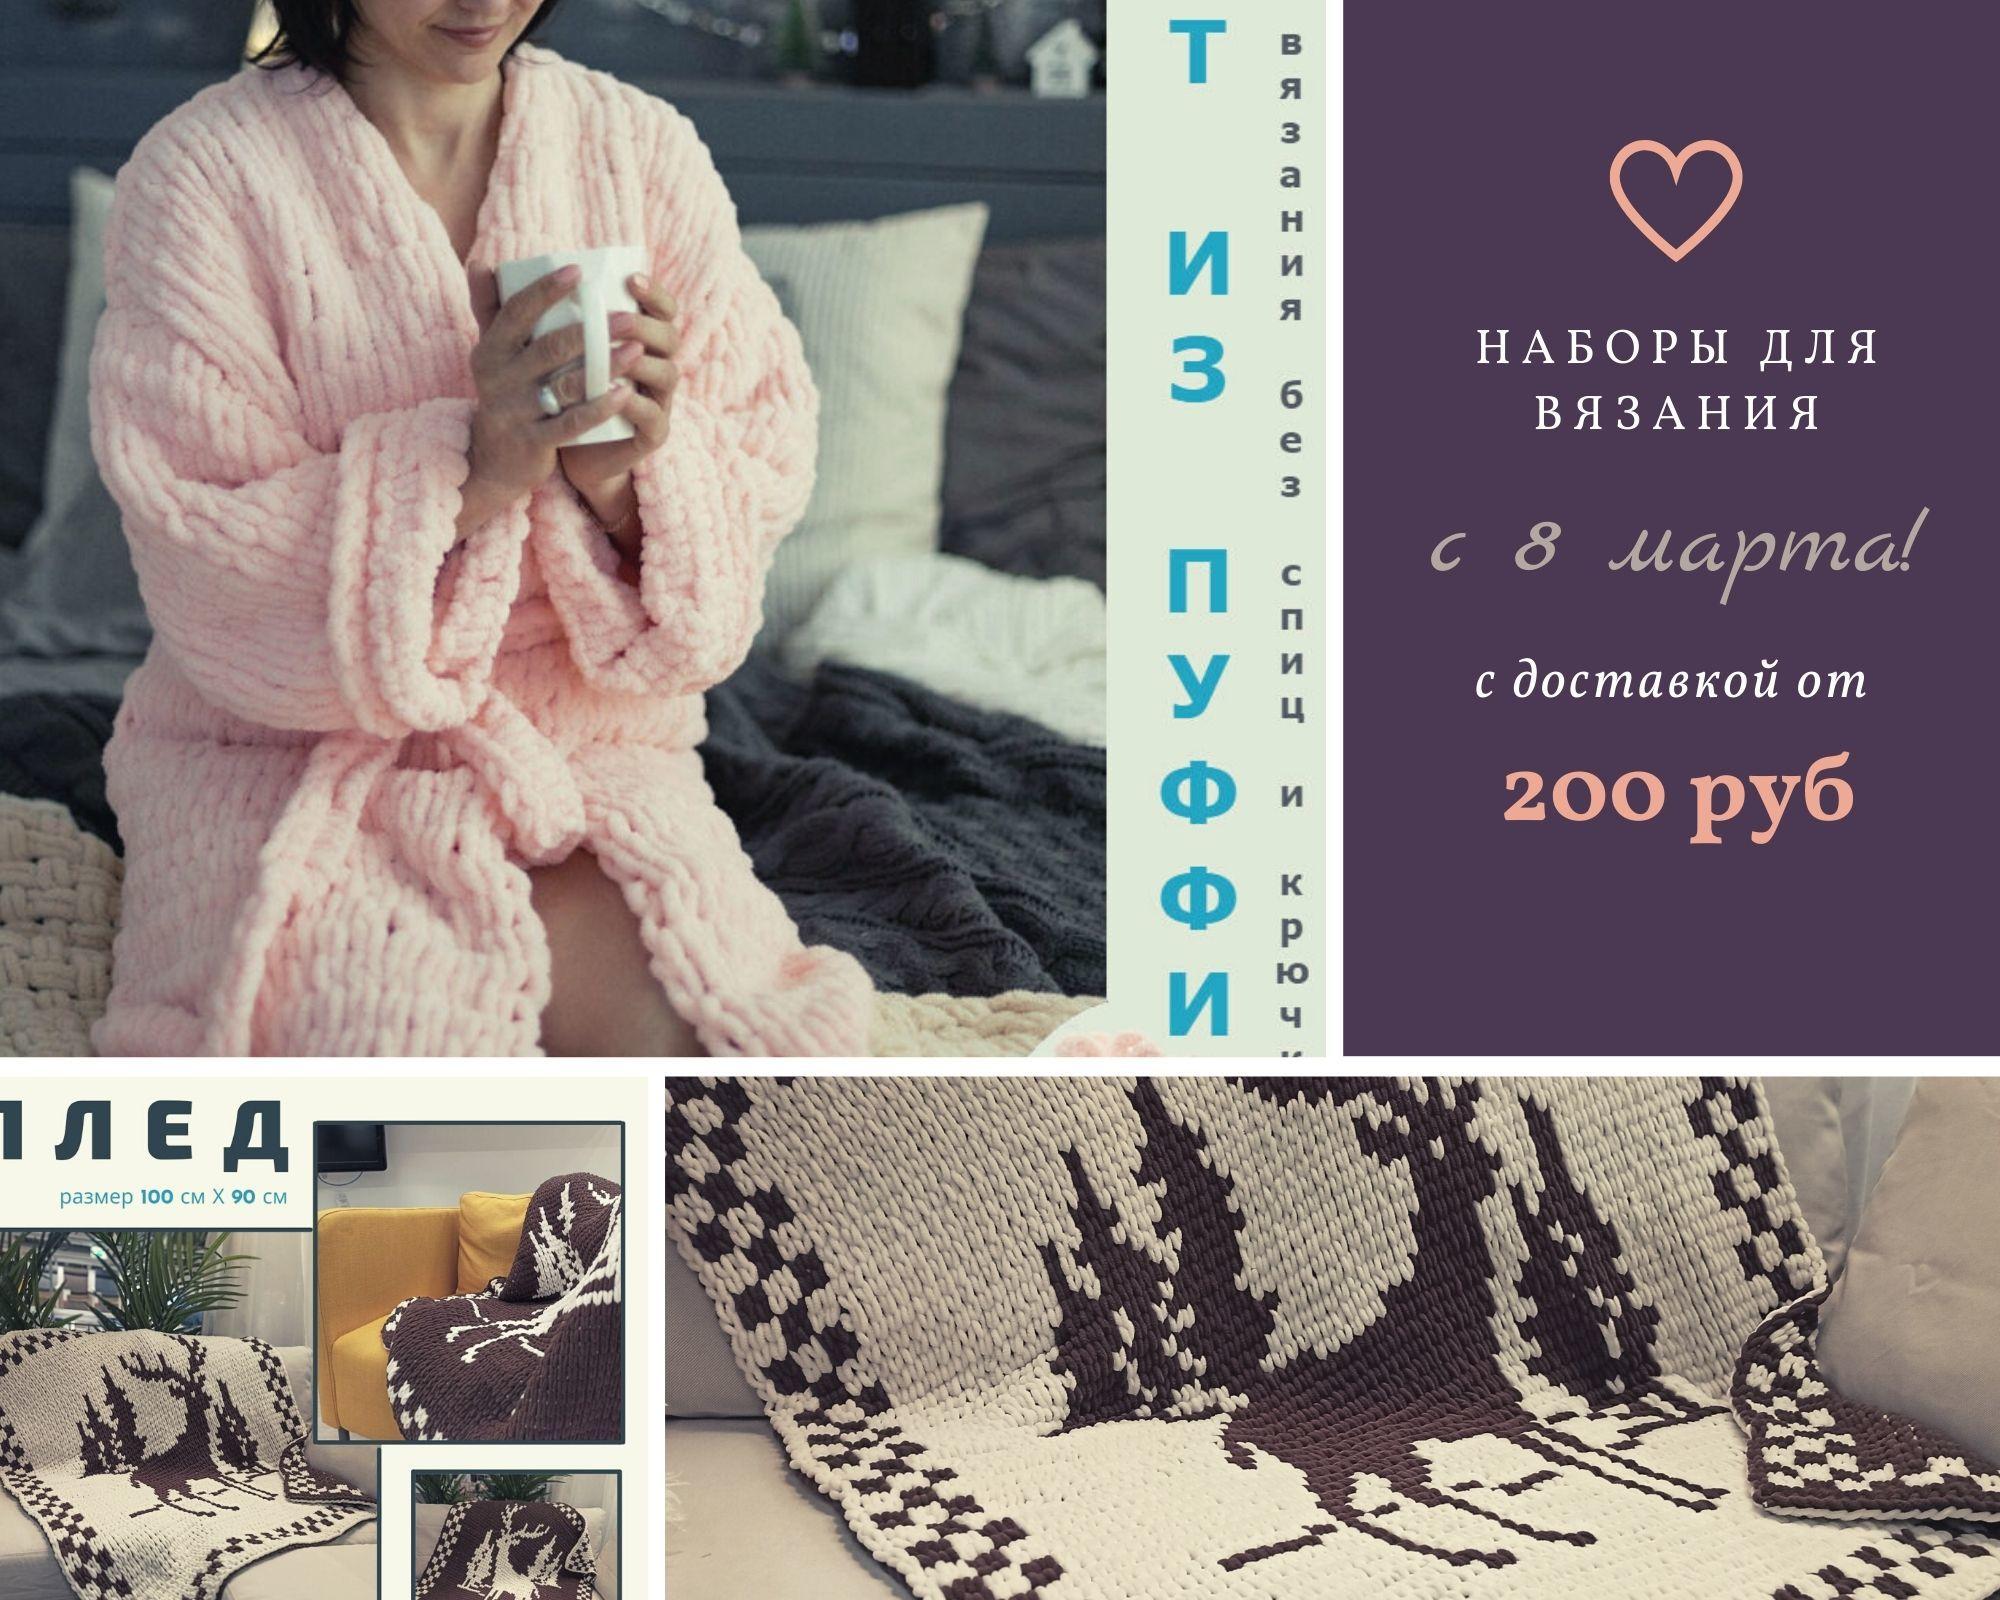 Наборы для вязания без спиц и крючка из Alize Puffy - подарок к 8 марта своими руками